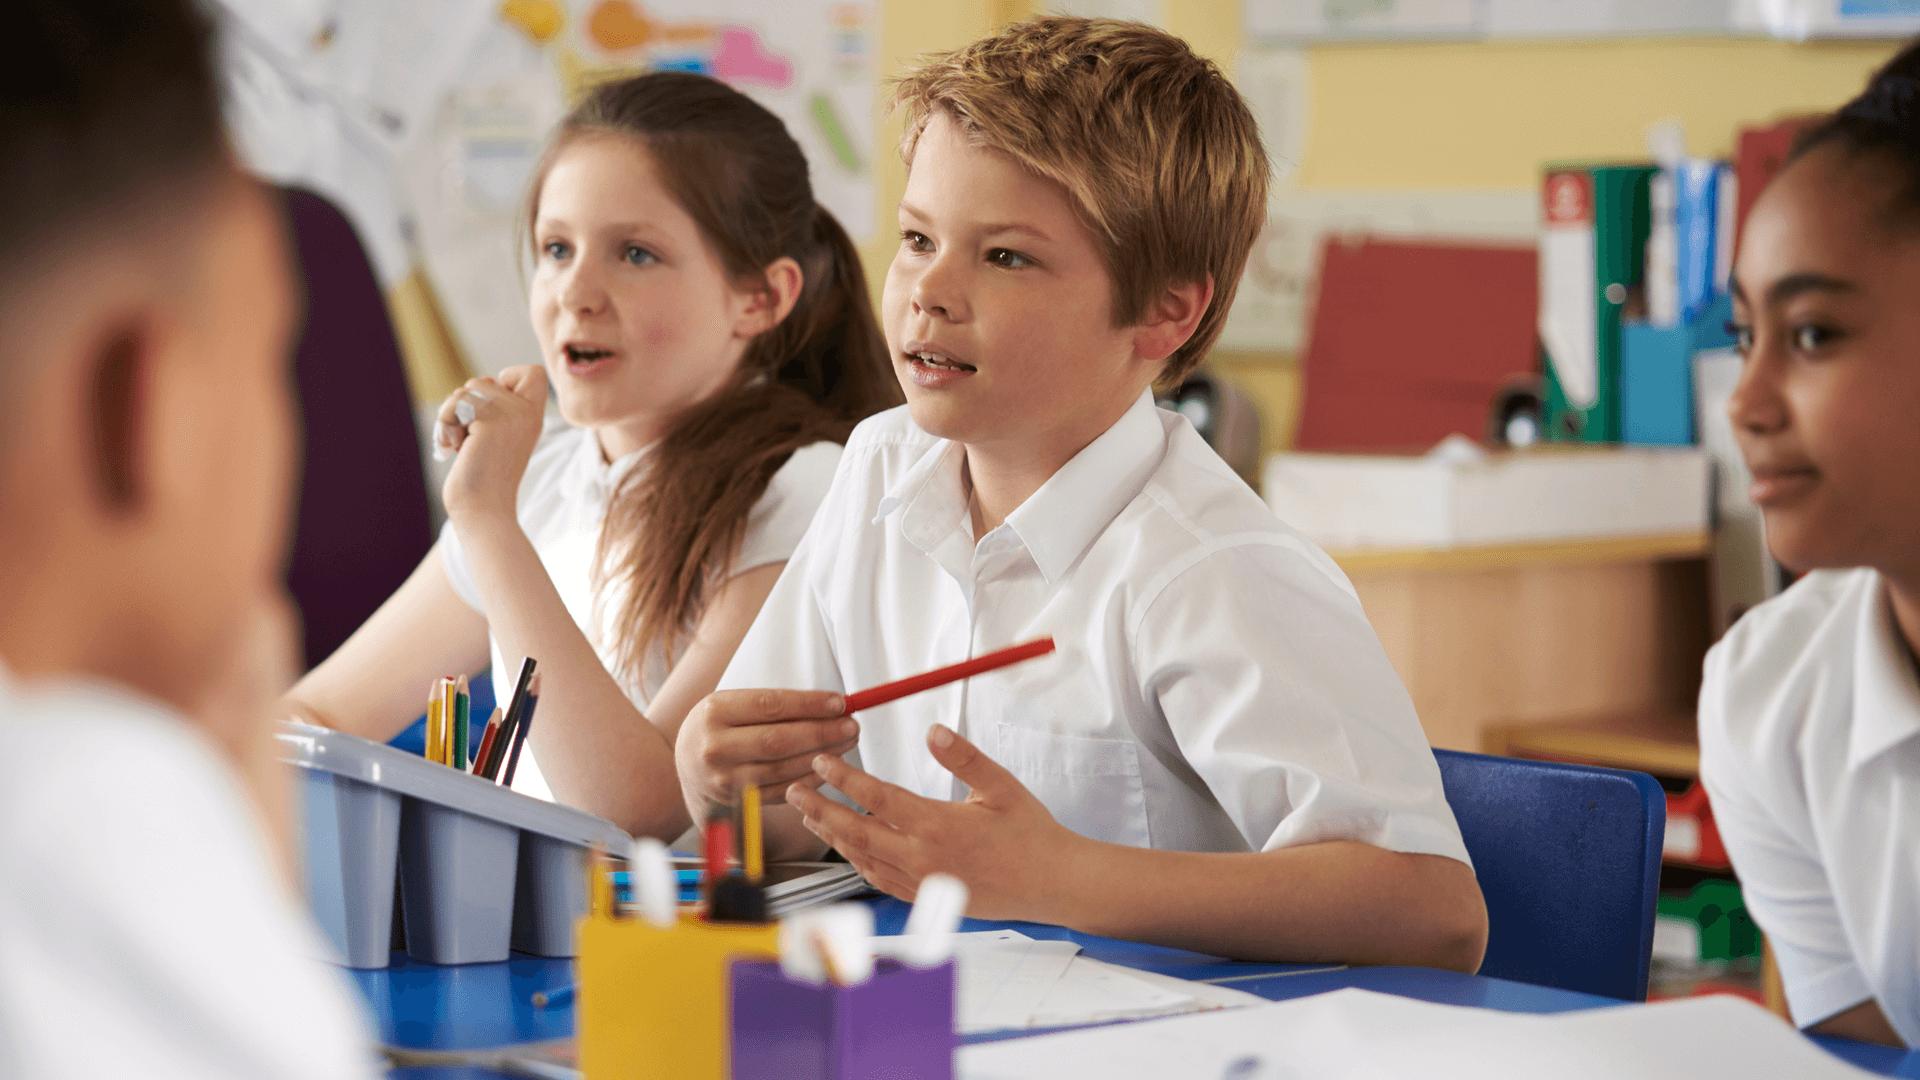 eecreative design and build websites for primary schools